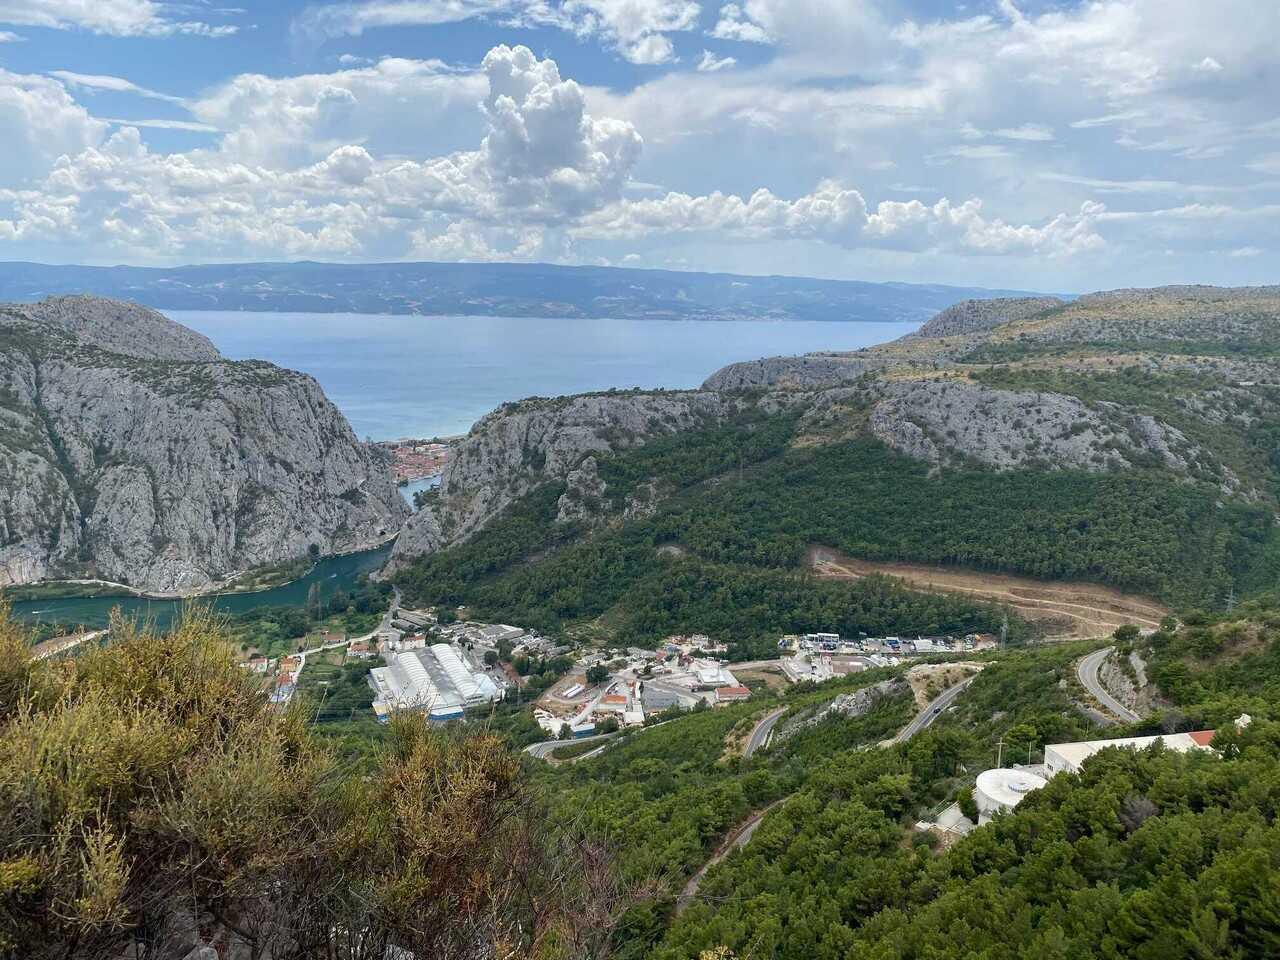 vue sur le canyon de cetina à omis depuis la campagne de la polcija